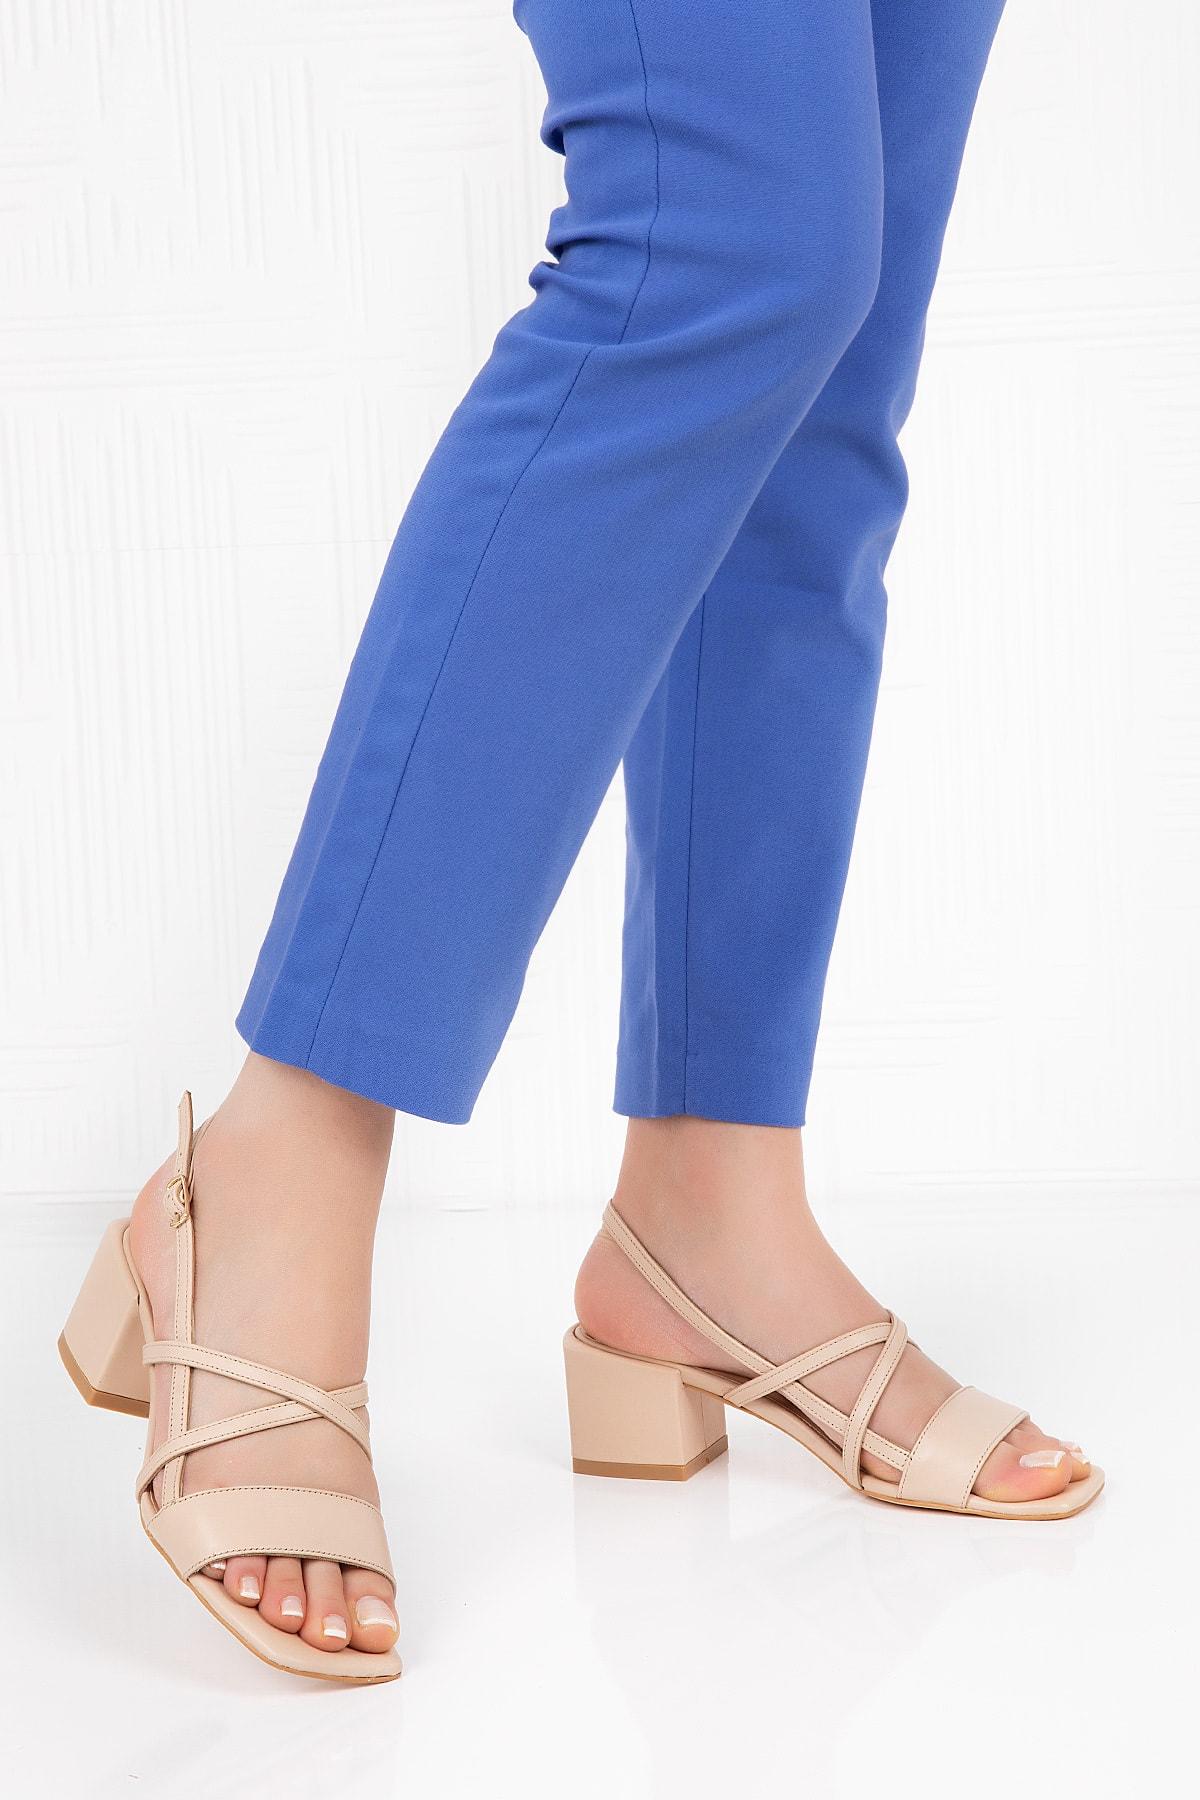 Gondol Hakiki Deri Topuklu Ayakkabı 2